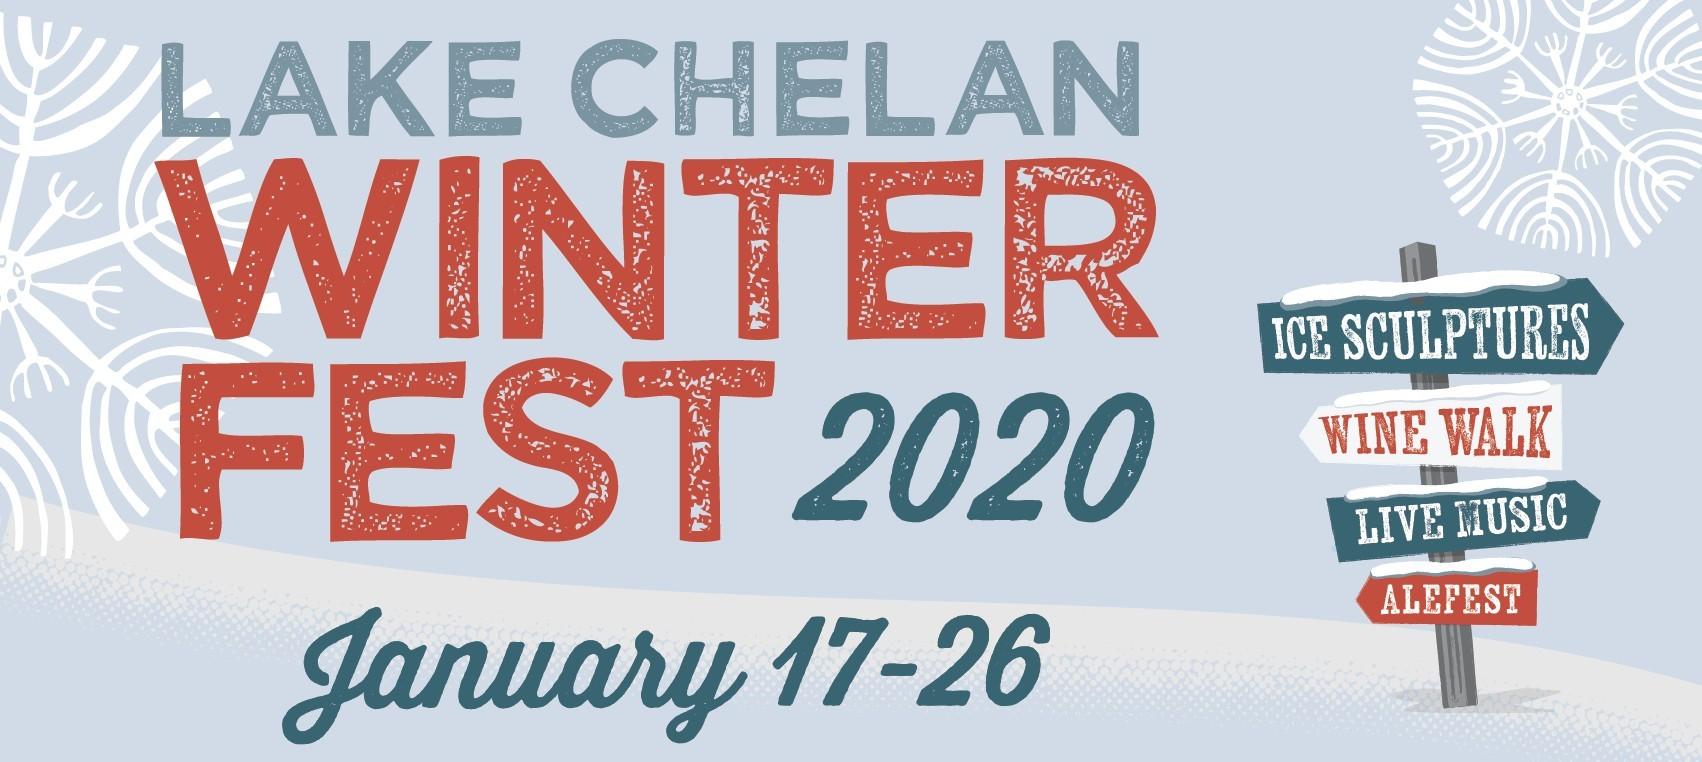 lake chelan winter fest 2020 poster - Lake Chelan Winterfest